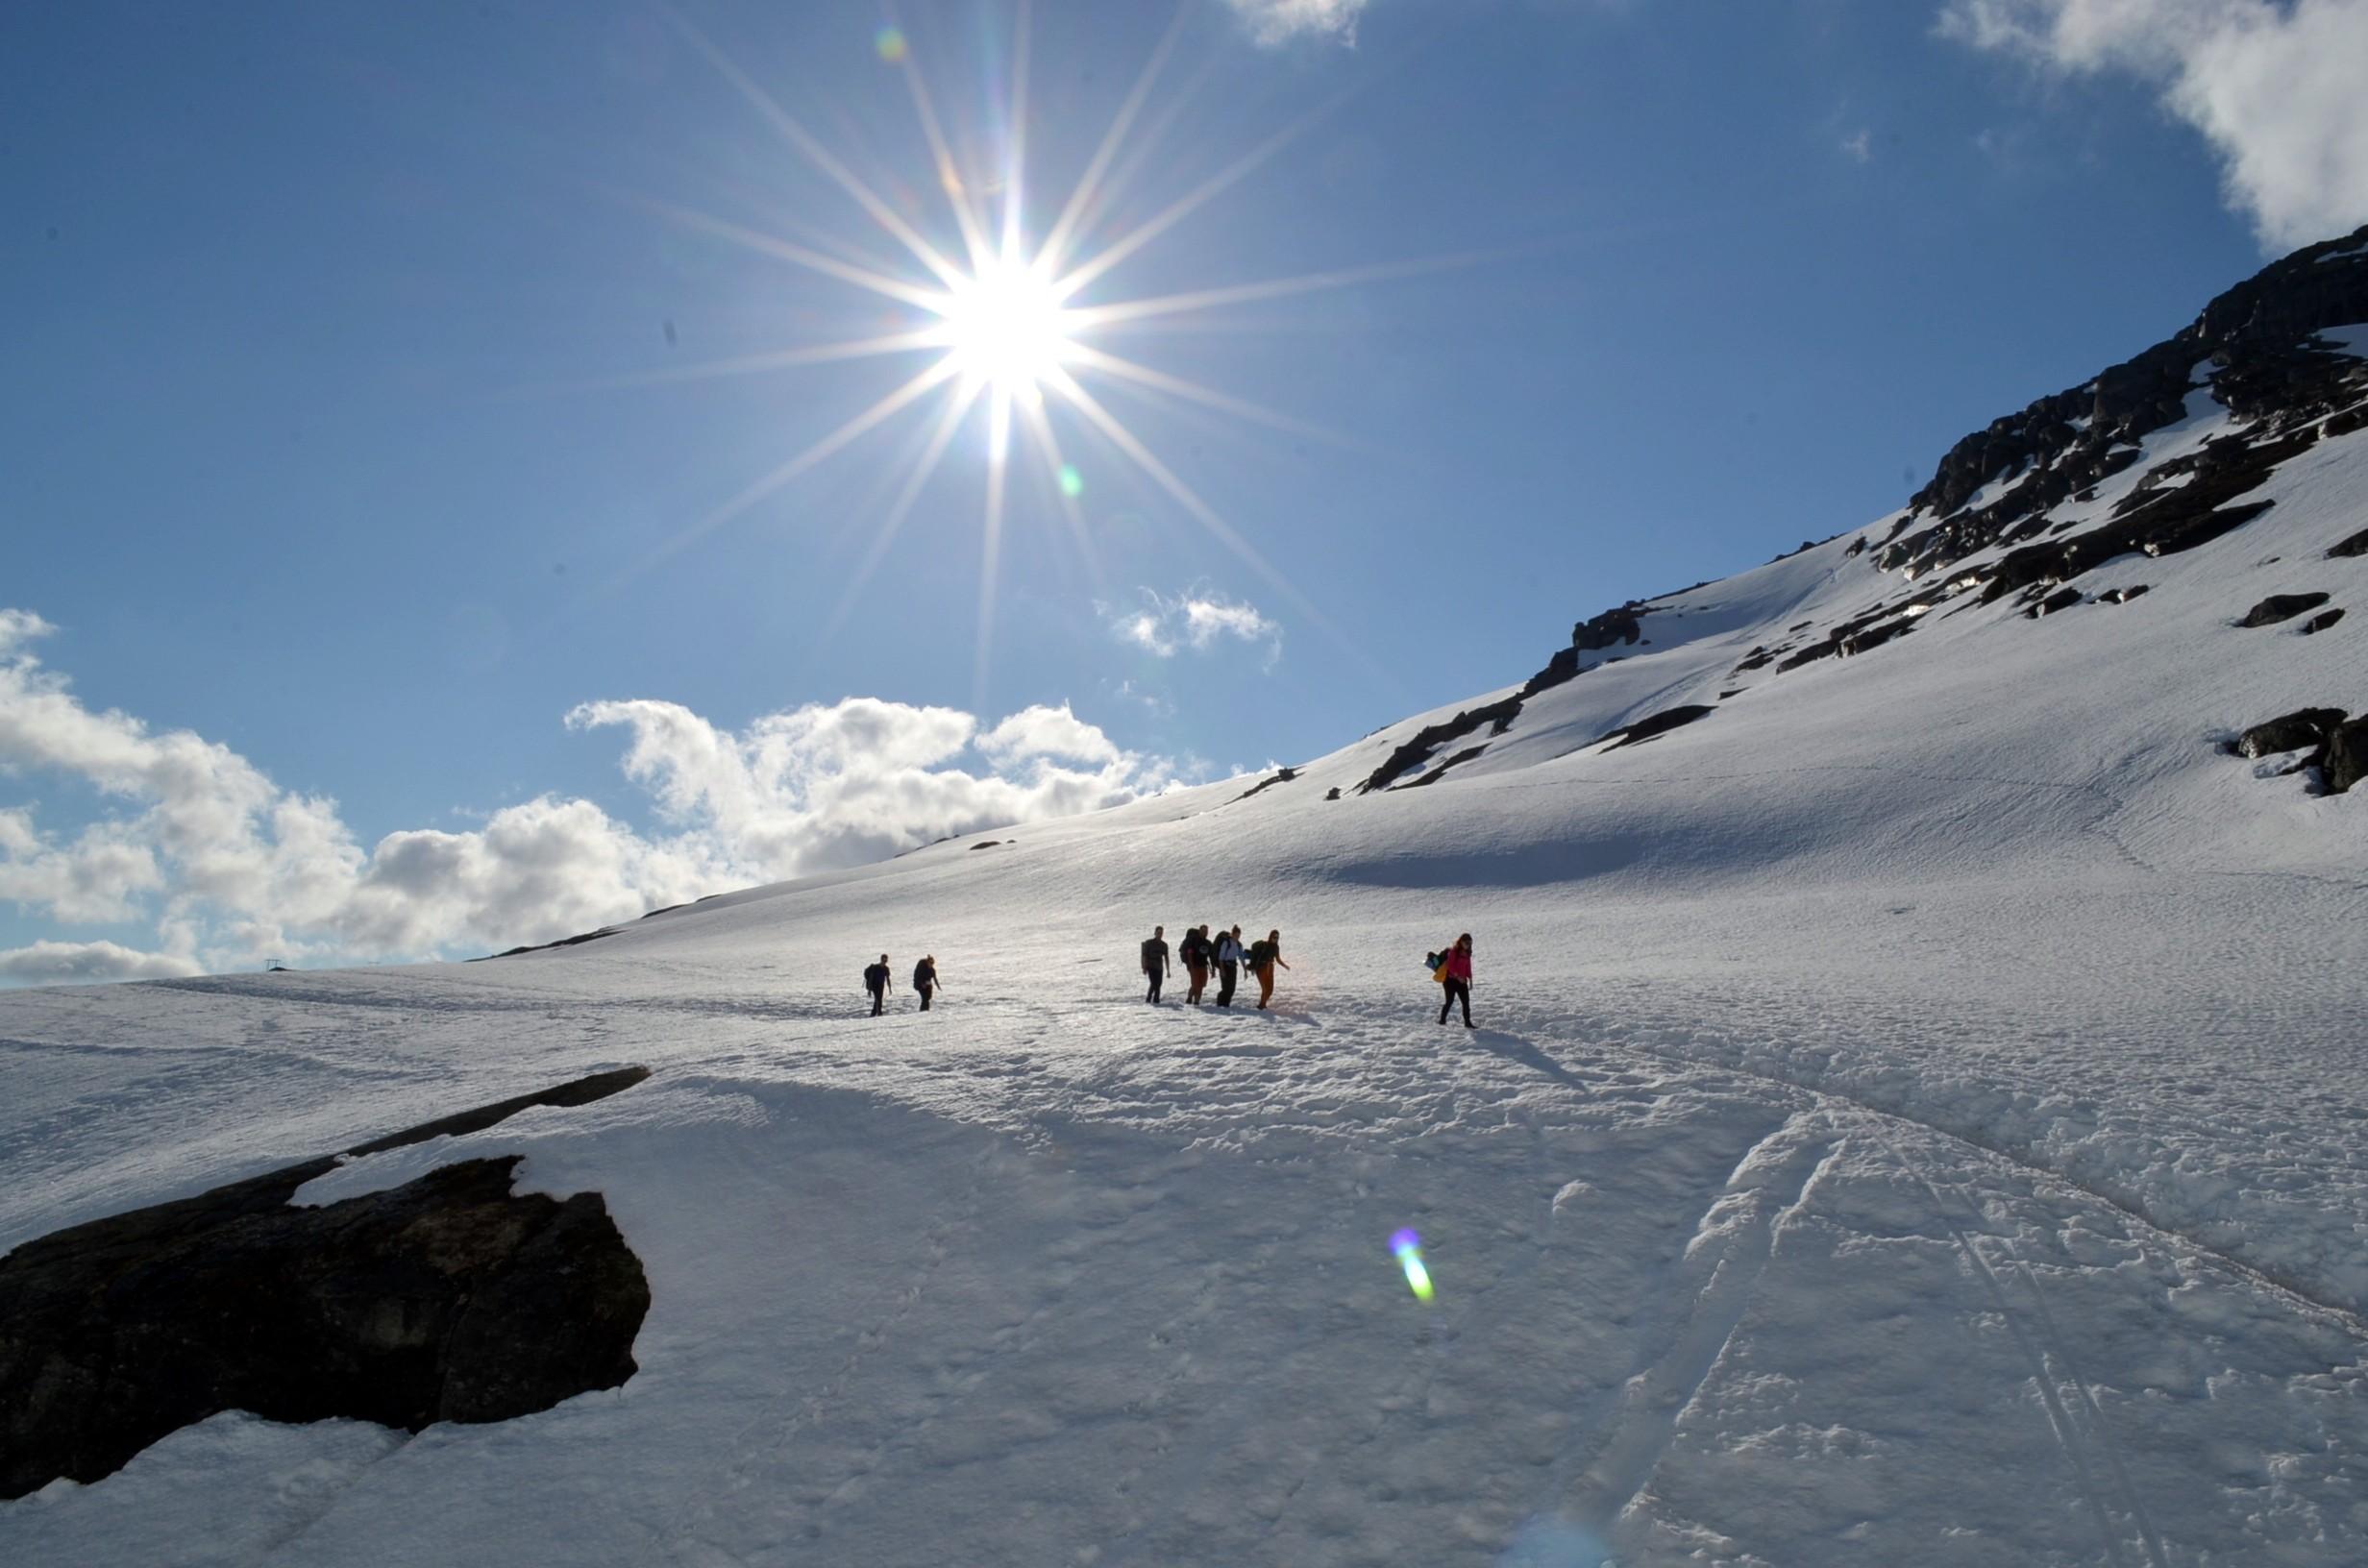 Walking on Snow en route to Trolltunga